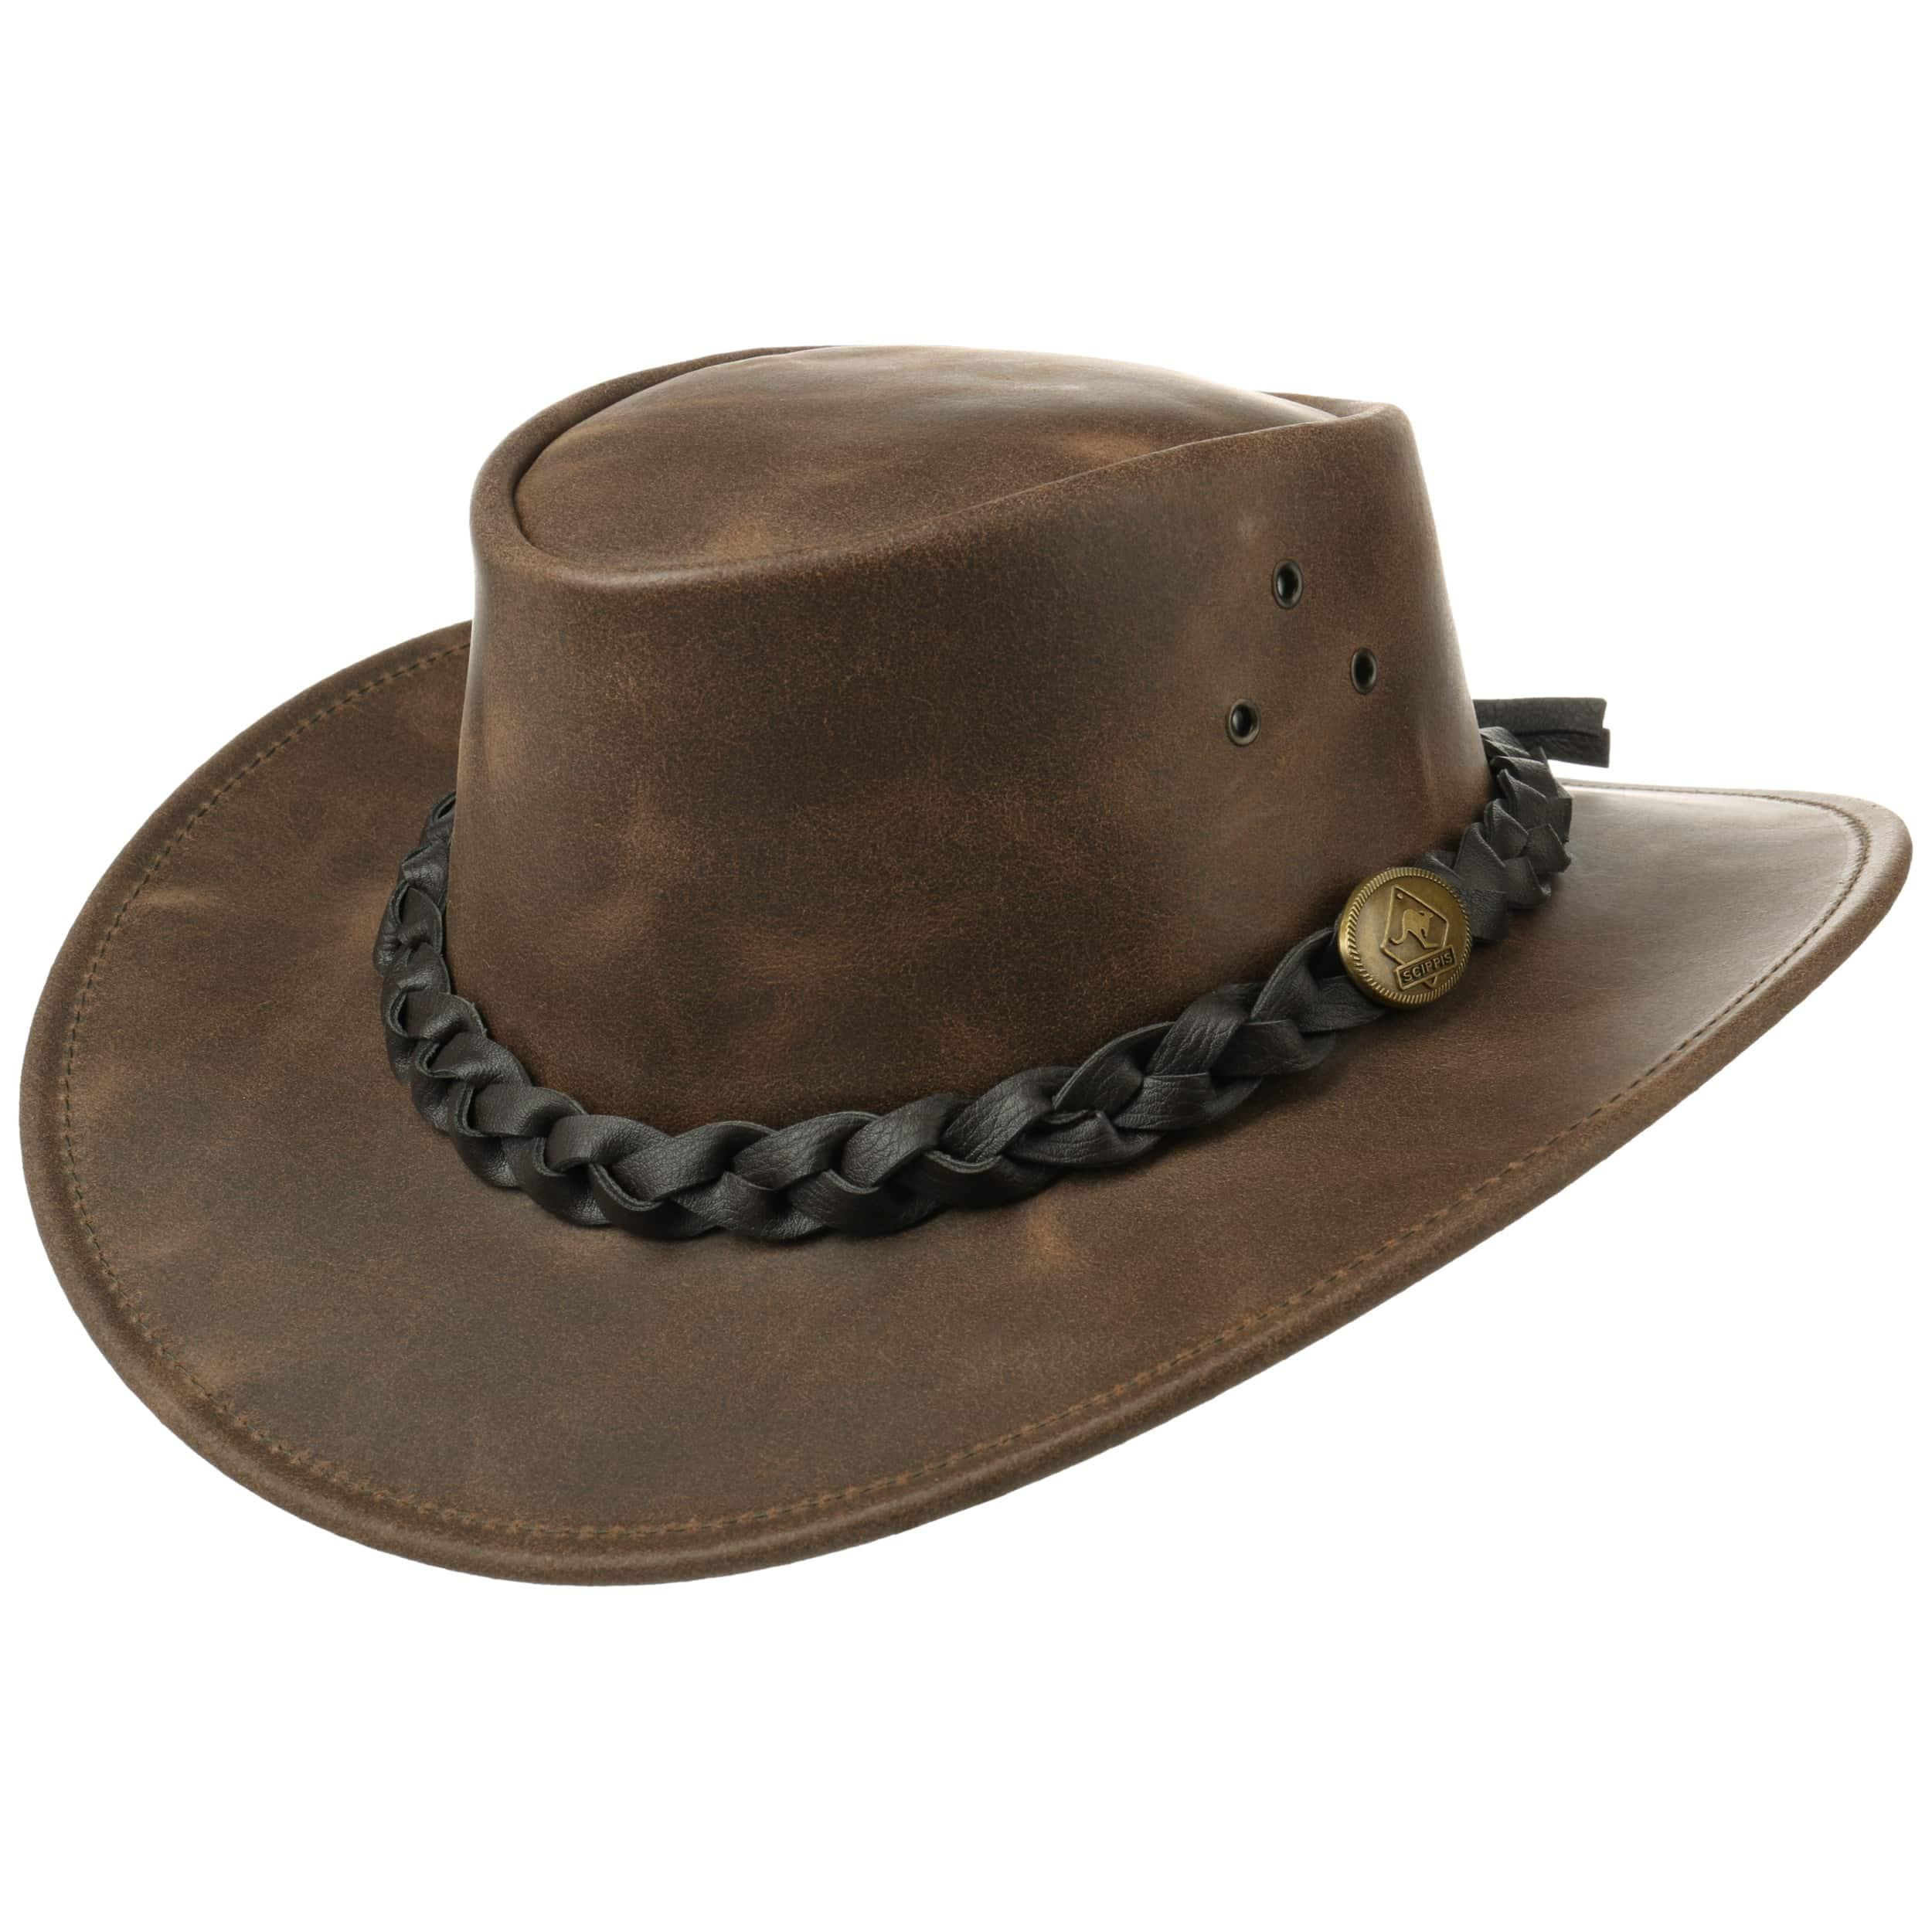 d77e24408c3a2 Sombrero de Piel Traveller by Scippis - Sombreros - sombreroshop.es